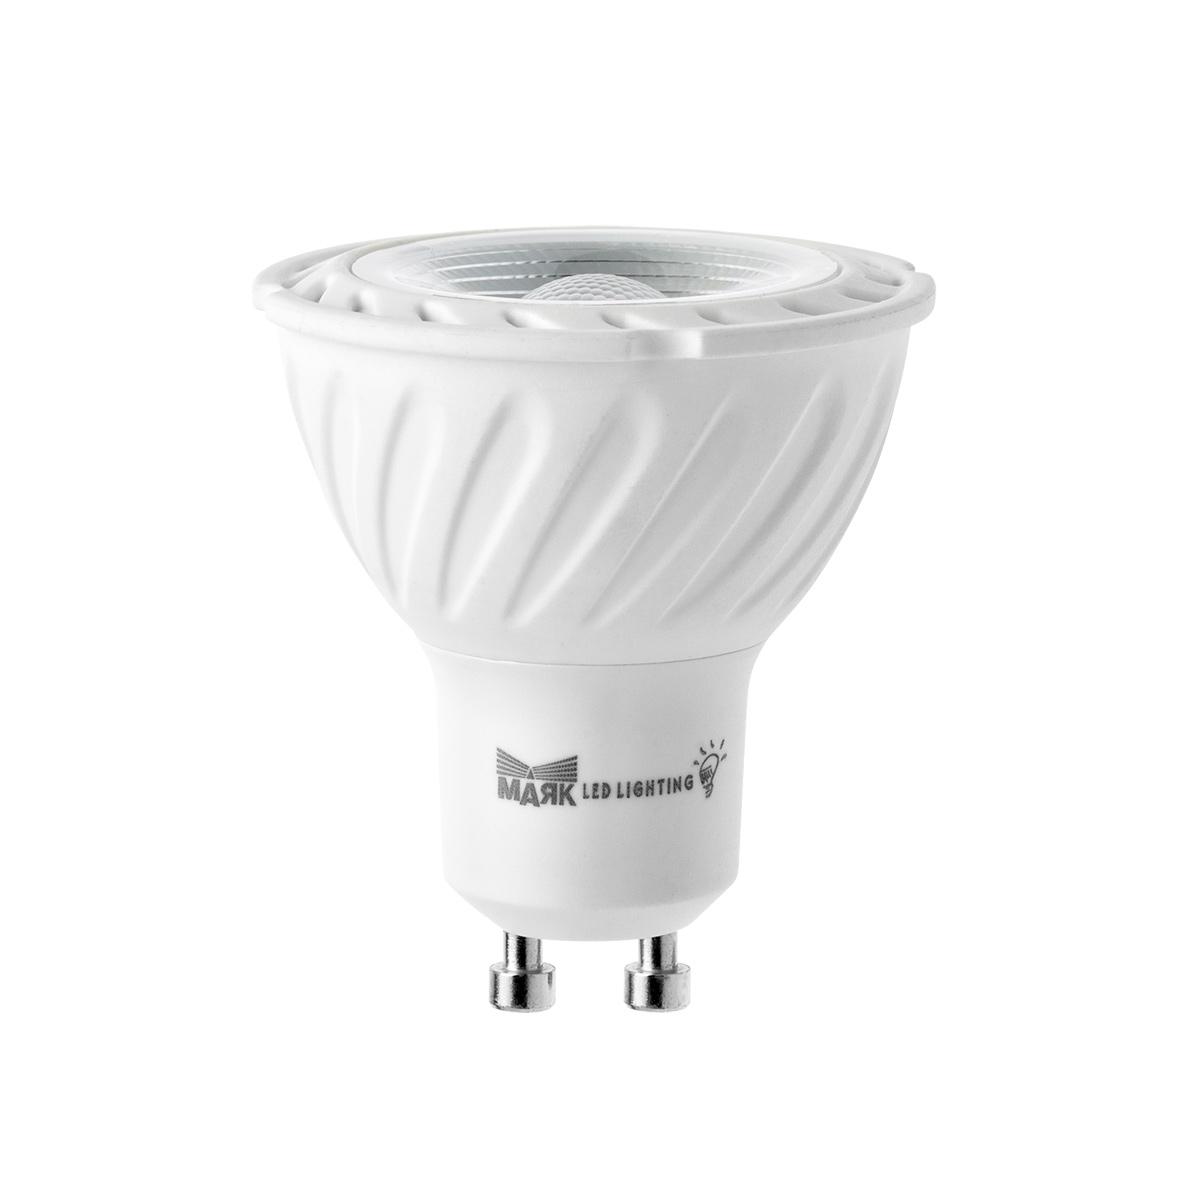 Лампа светодиодная Mayak-ledЛампы<br>Тип лампы: светодиодная,<br>Форма лампы: рефлекторная,<br>Цвет колбы: прозрачная,<br>Тип цоколя: GU10,<br>Напряжение: 220,<br>Мощность: 6,<br>Цветовая температура: 3000,<br>Цвет свечения: теплый,<br>Диммируемая: есть<br>